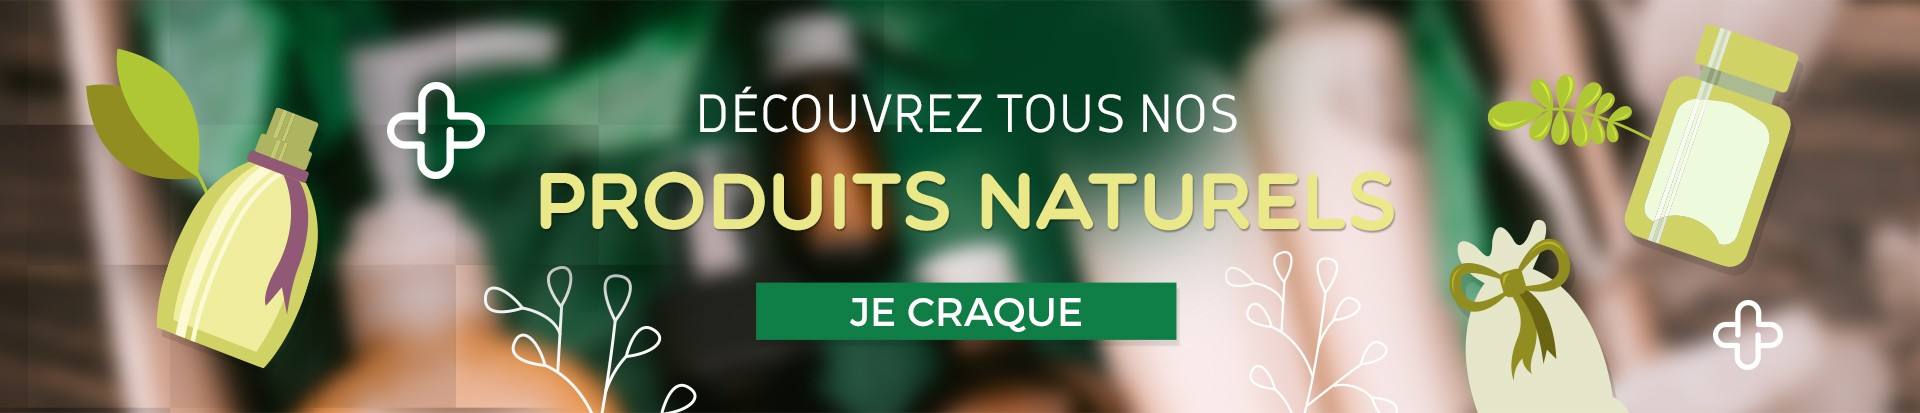 Découvrez nos produits naturels